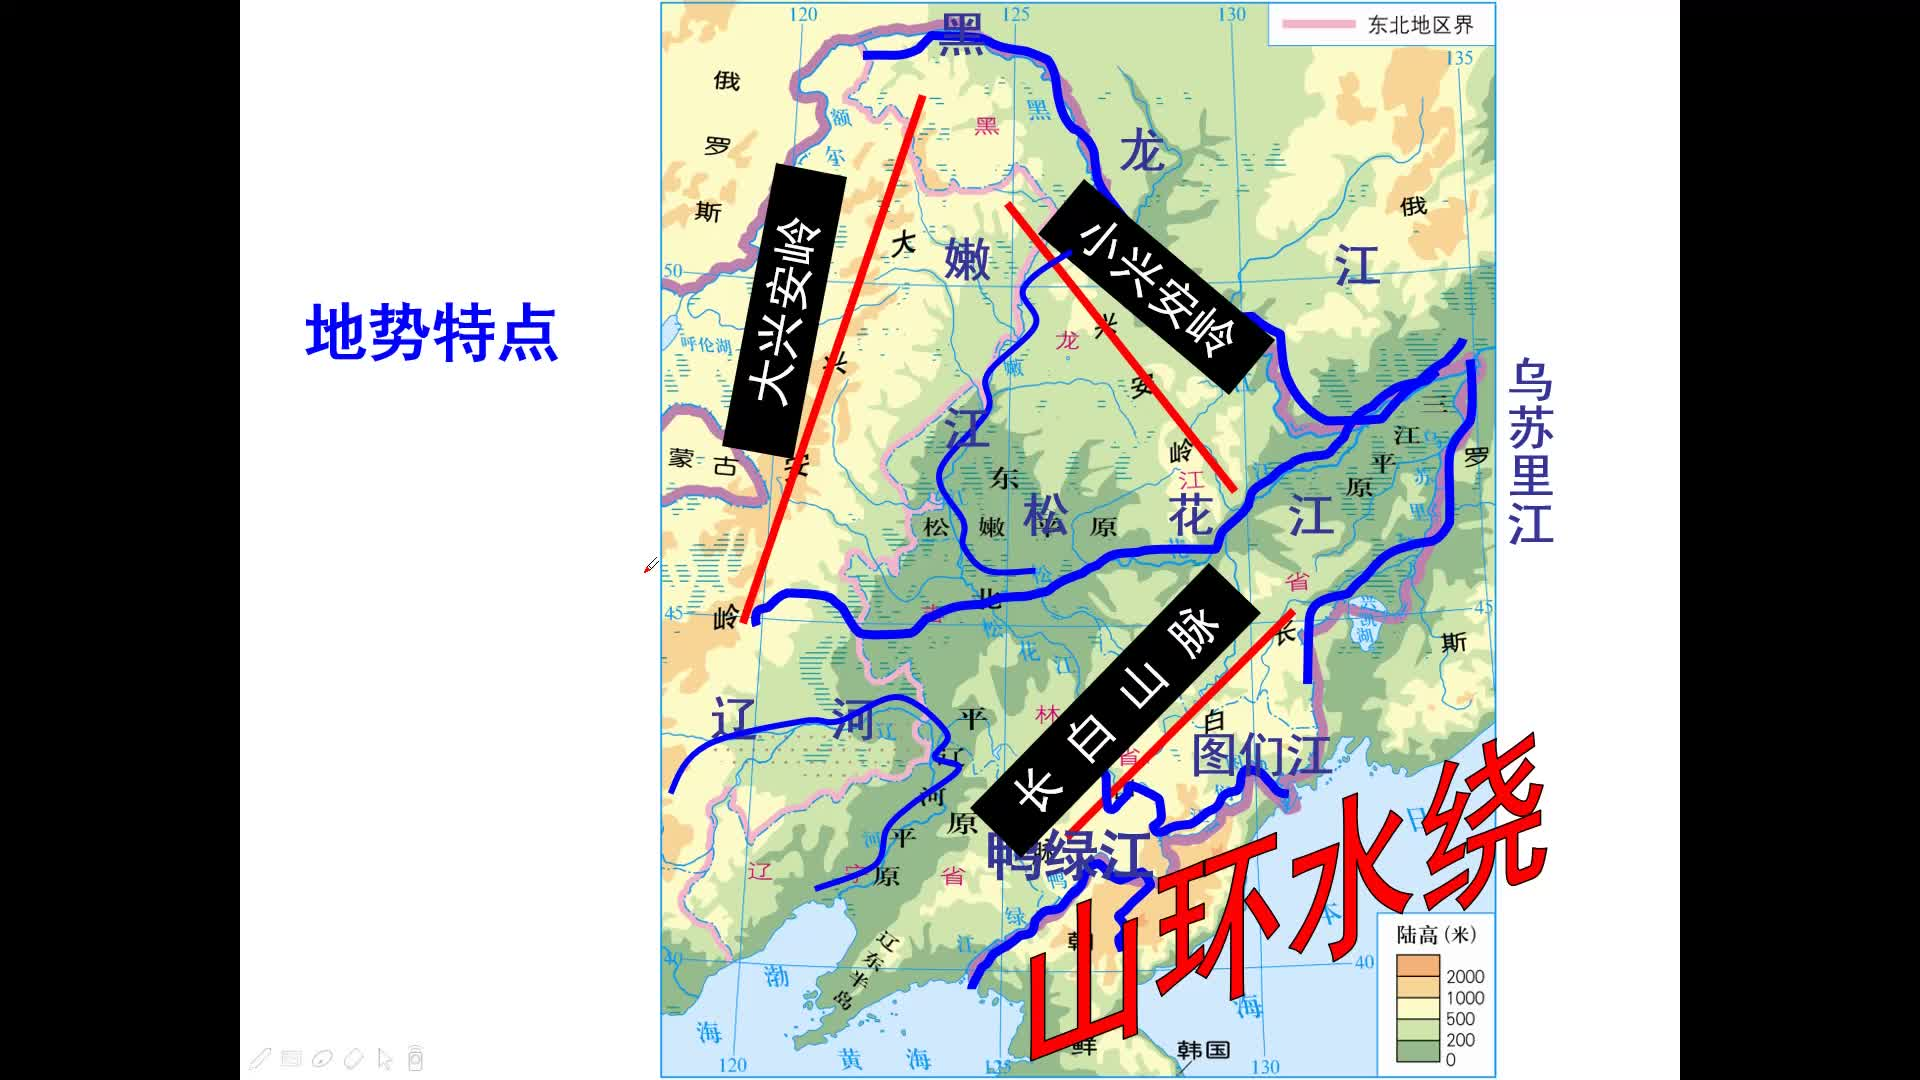 中考復習(xi)26省際區域一(東北平原(yuan)和黃土高原(yuan))微視頻